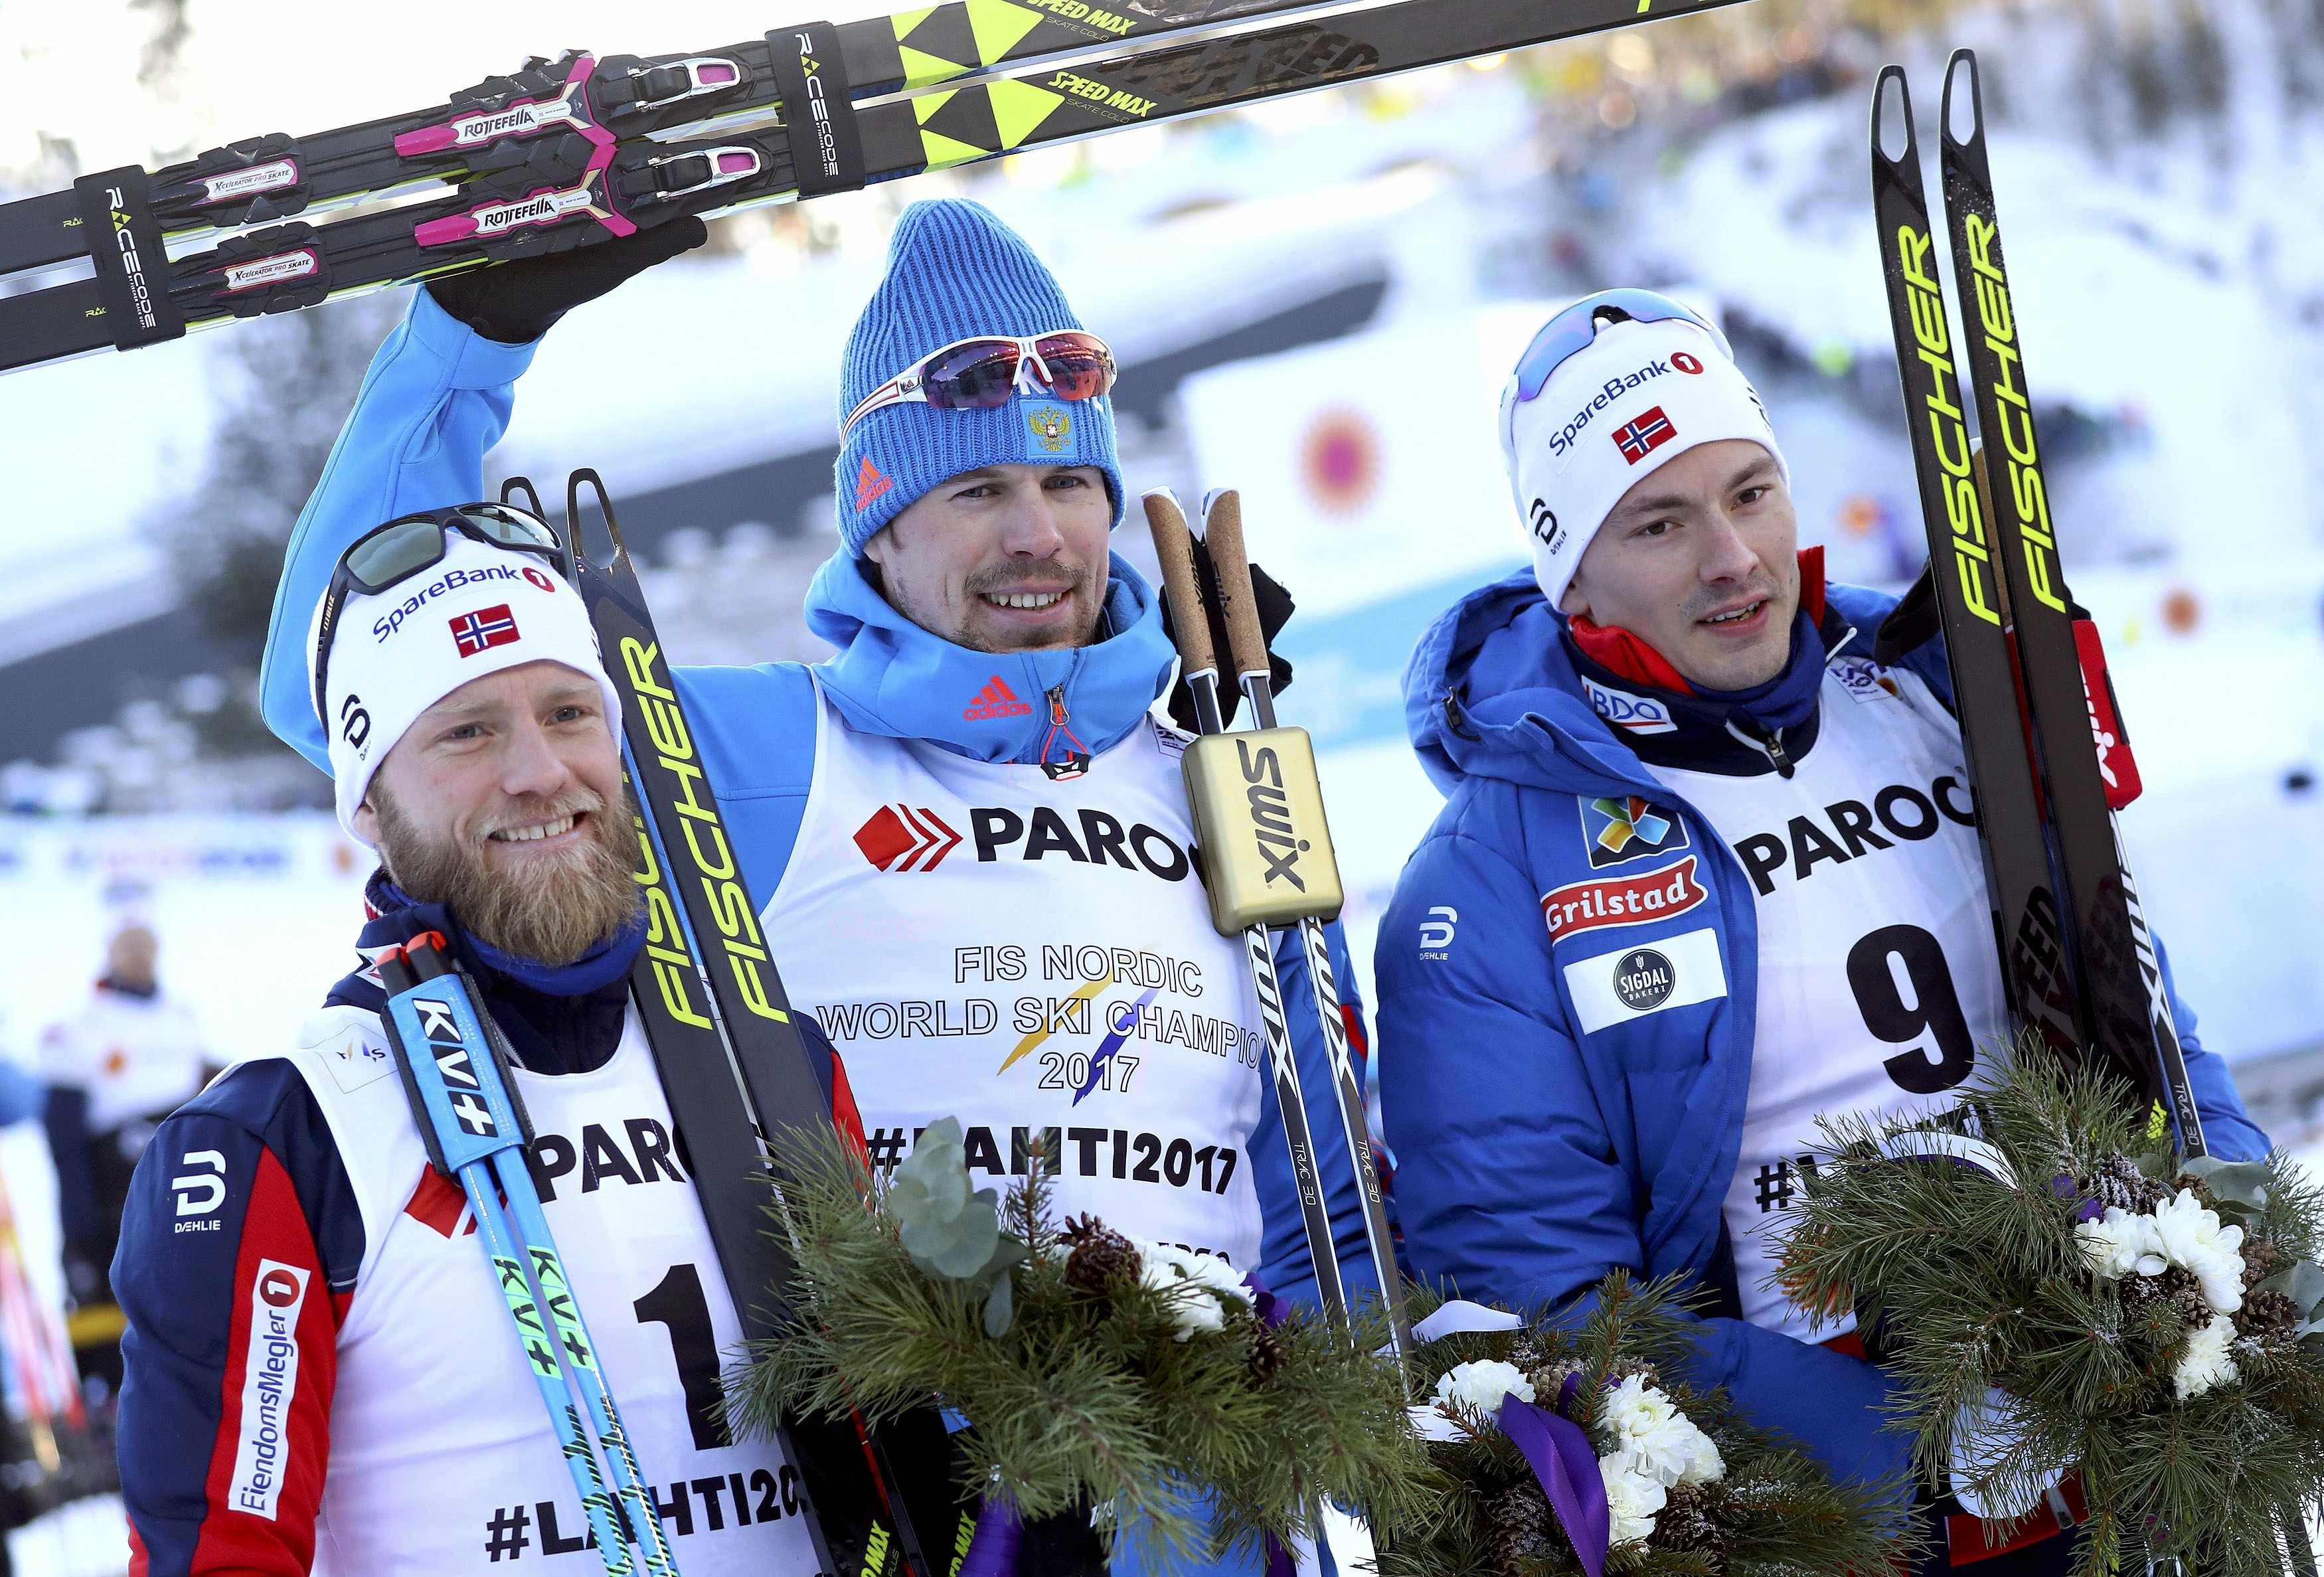 Сергей Устюгов (в центре) в окружении норвежских лыжников на высшей ступени пьедестала почета.